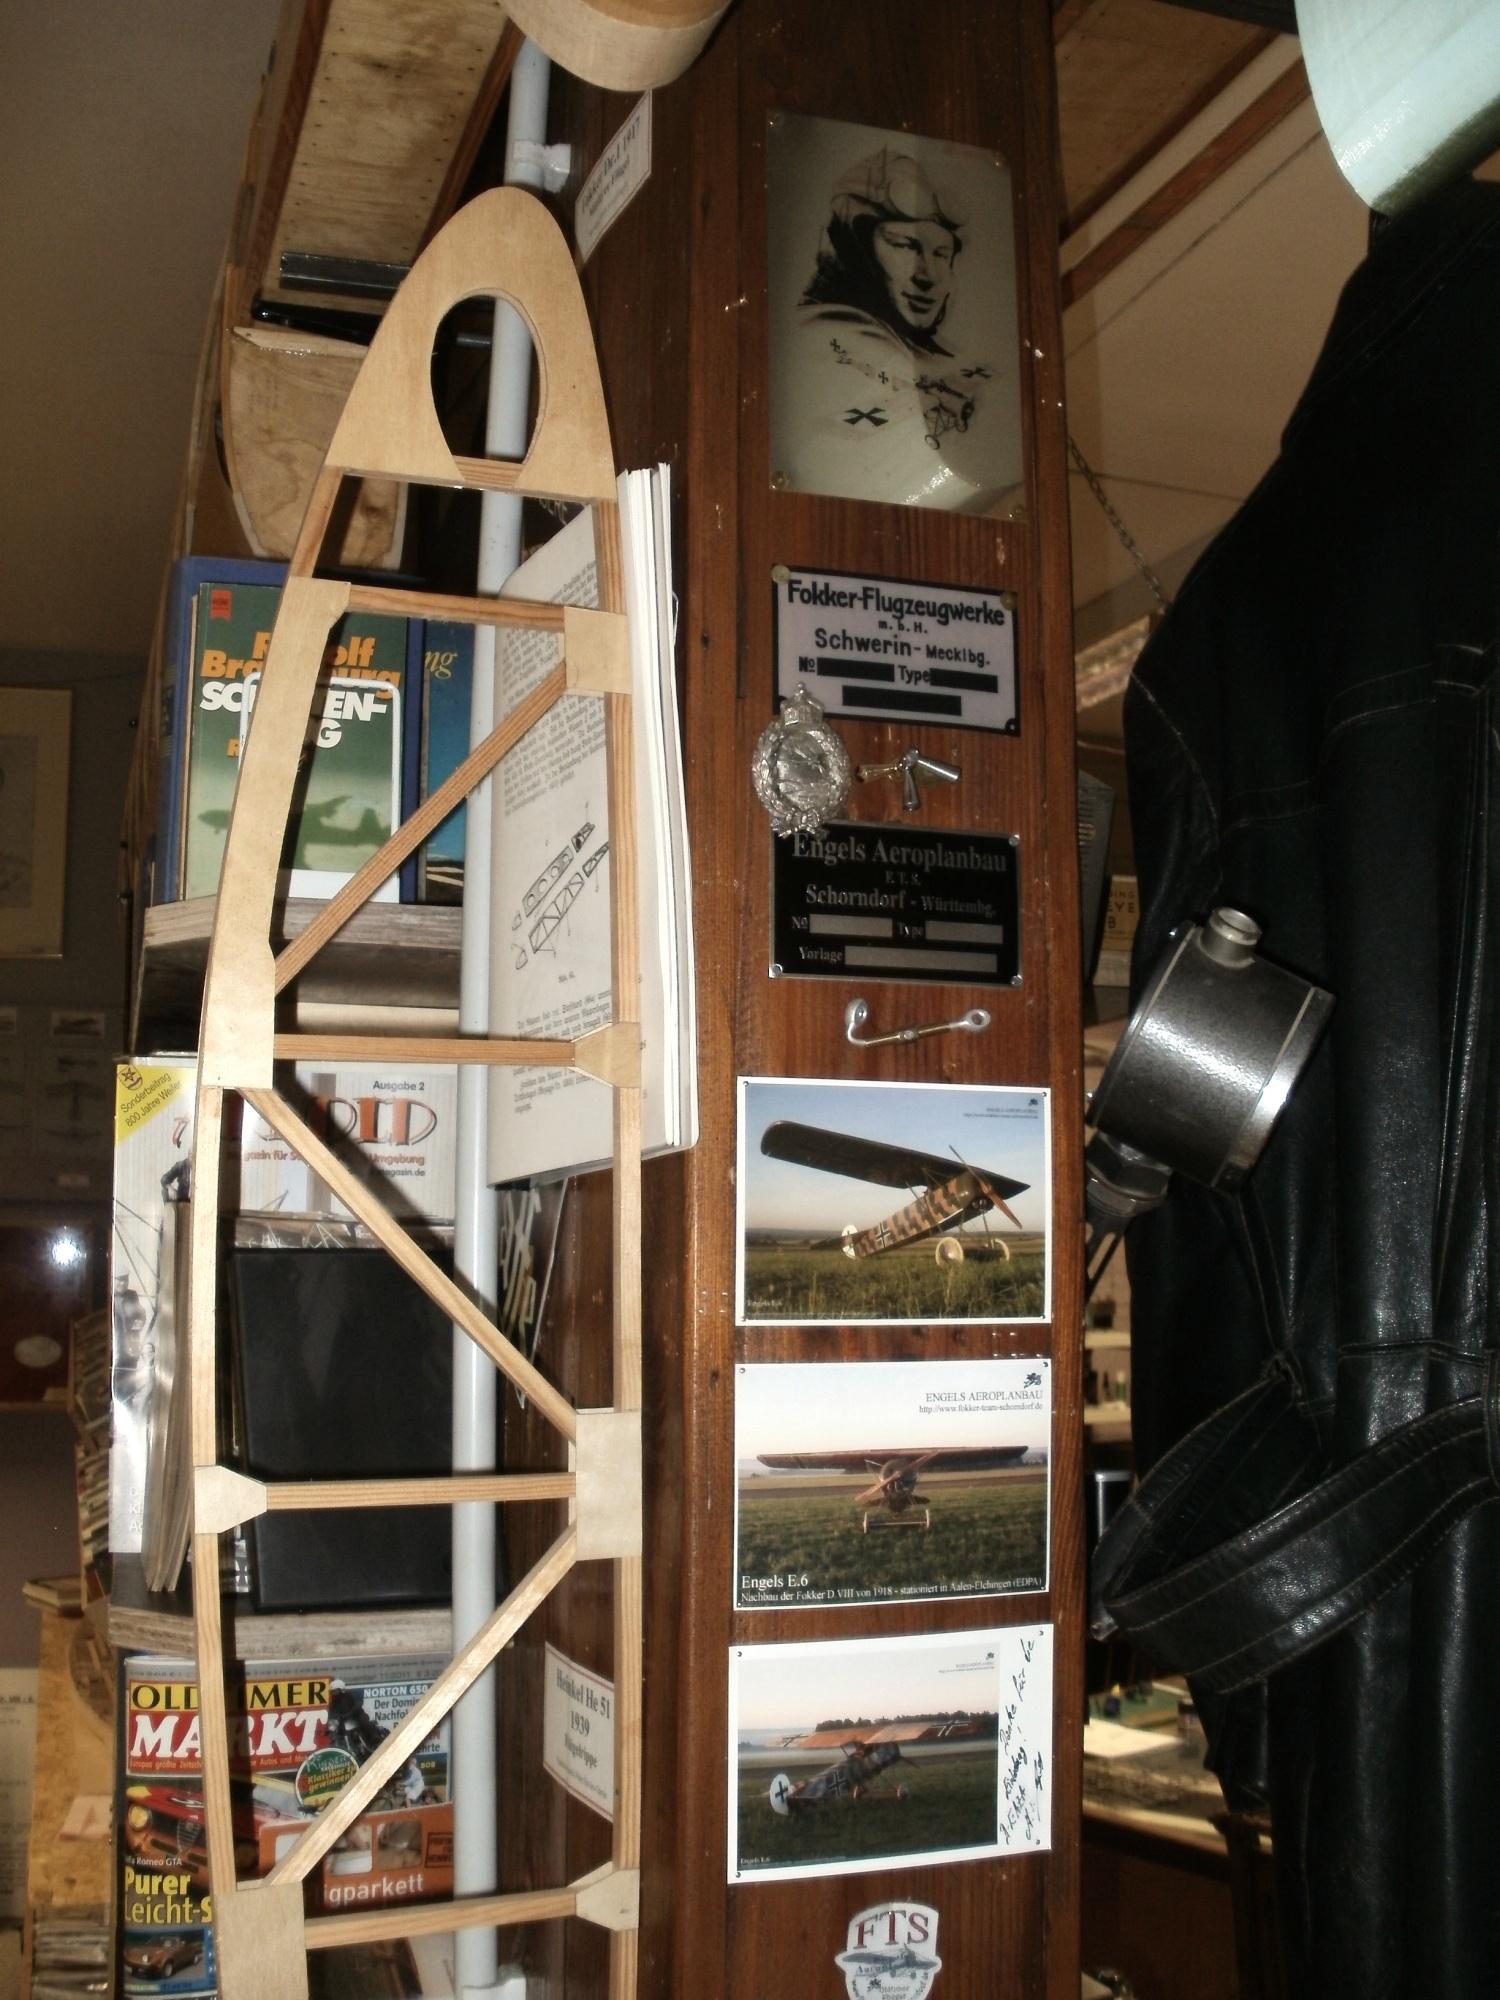 Wie sehr oder wie wenig sich die technischen Grundlagen des Fliegens im laufe der ersten 30 Jahre des Fliegens verändern, wird auch durch das Ausstellungsstück einer Flügelrippe der Heinkel He 51 verdeutlicht.